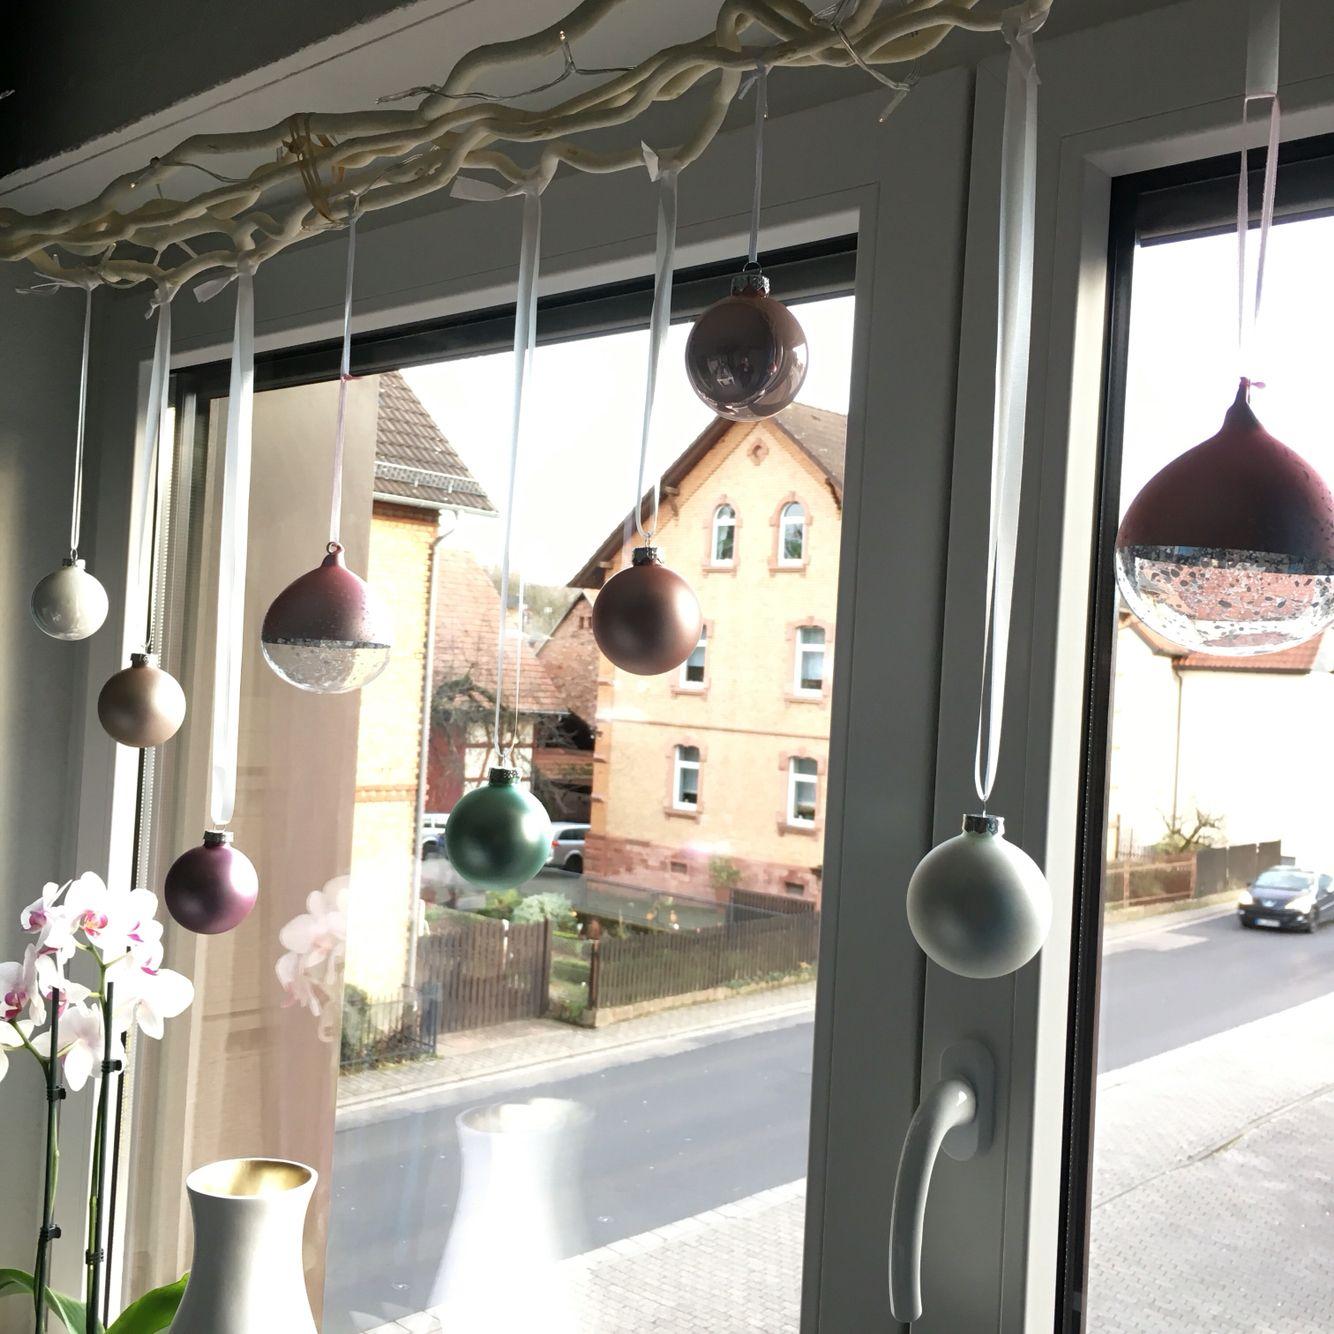 Weihnachtskugeln Ast Fenster Weihnachten Kugeln Weihnachtskugeln